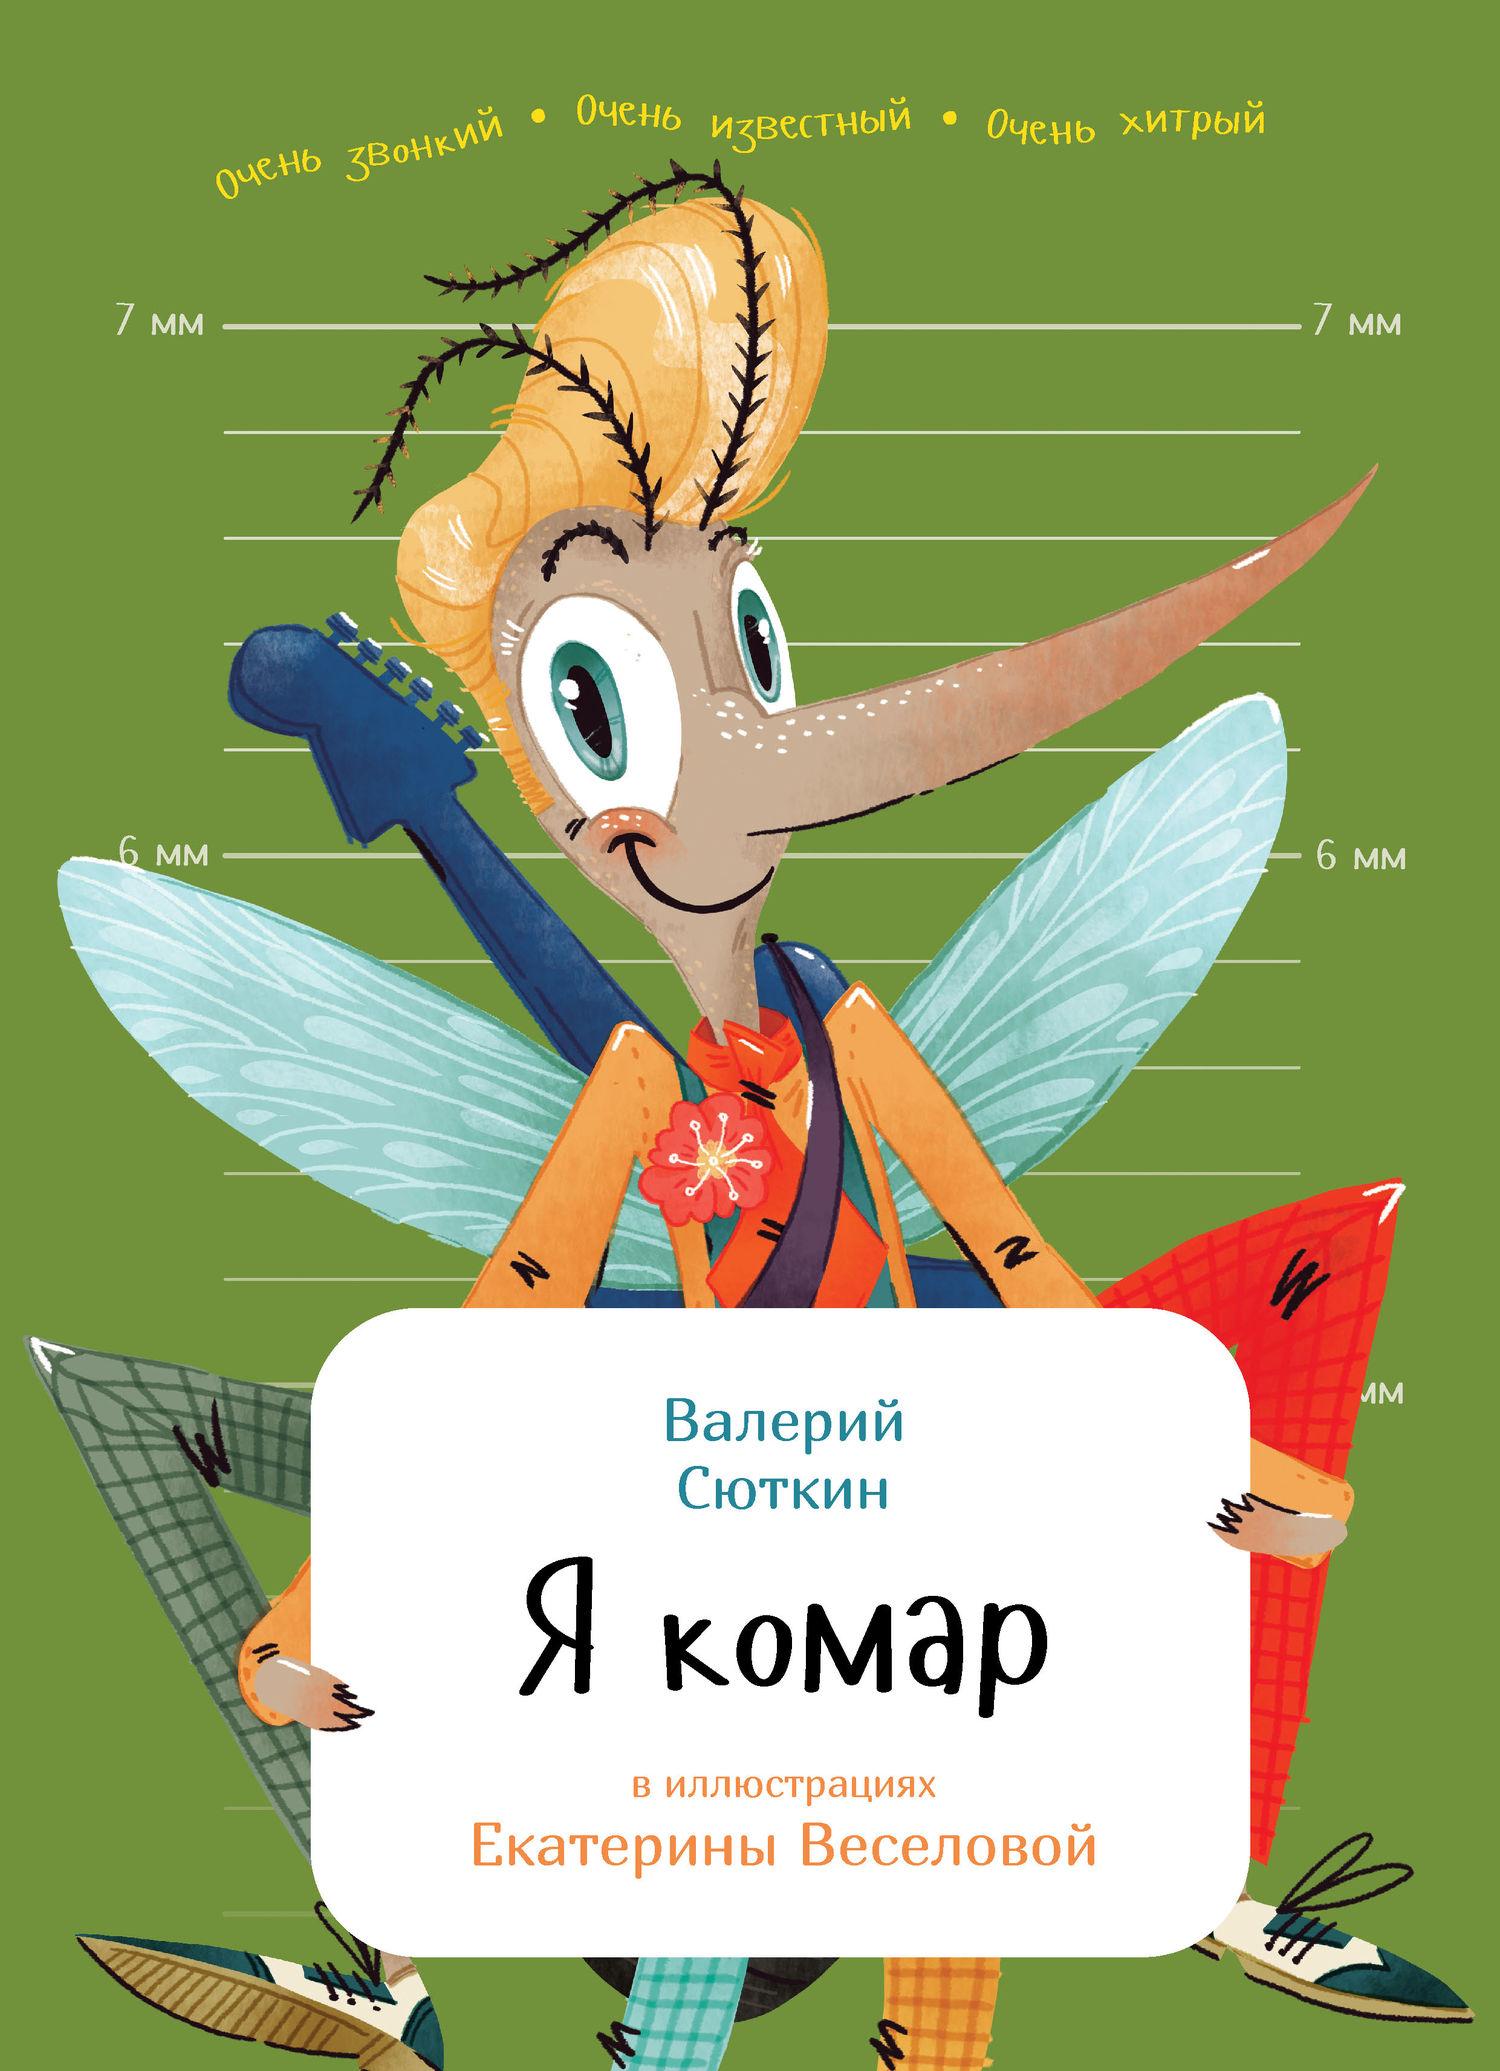 Валерий Сюткин. Я комар